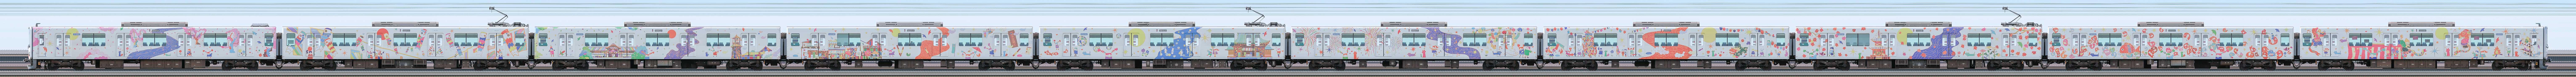 東武50090型51092編成「池袋・川越アートトレイン」(海側)の編成サイドビュー